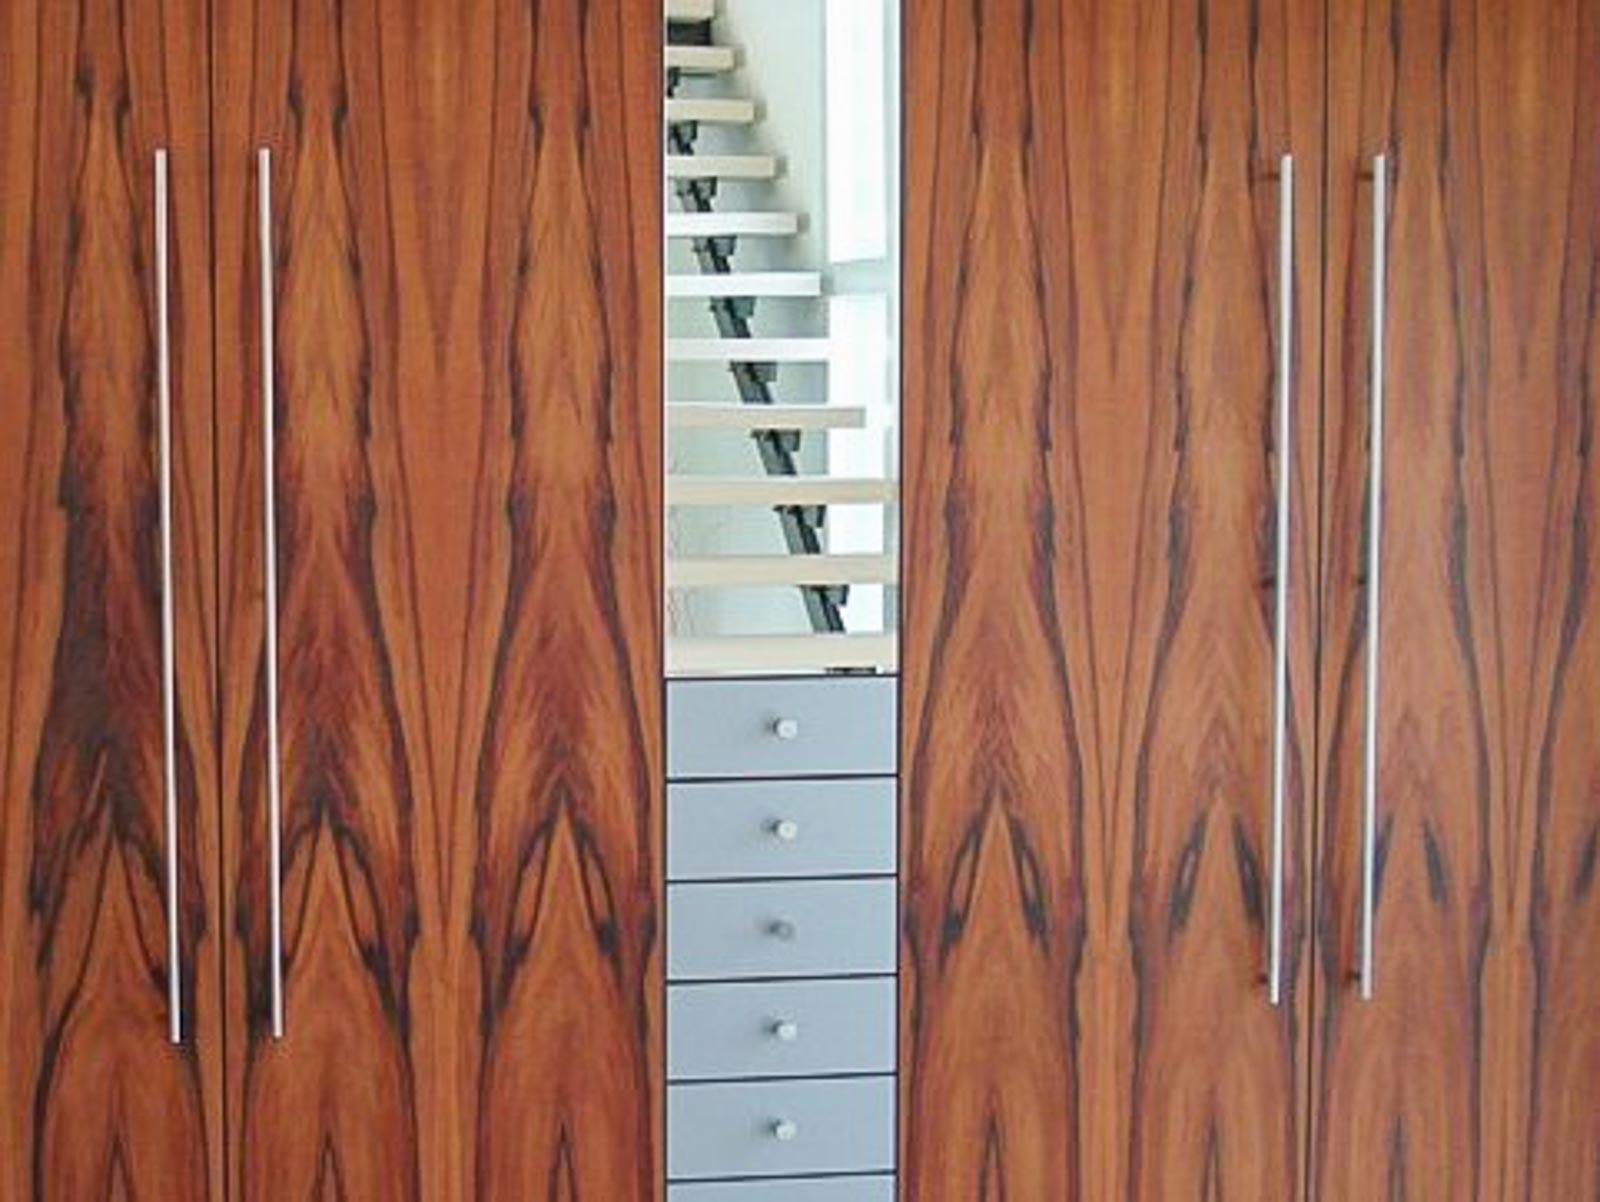 Wooddesign_Garderobe_Gästegarderobe_ Spiegelschrank_Tineo-indischer Apfelbaum-Relinggriffe (1)